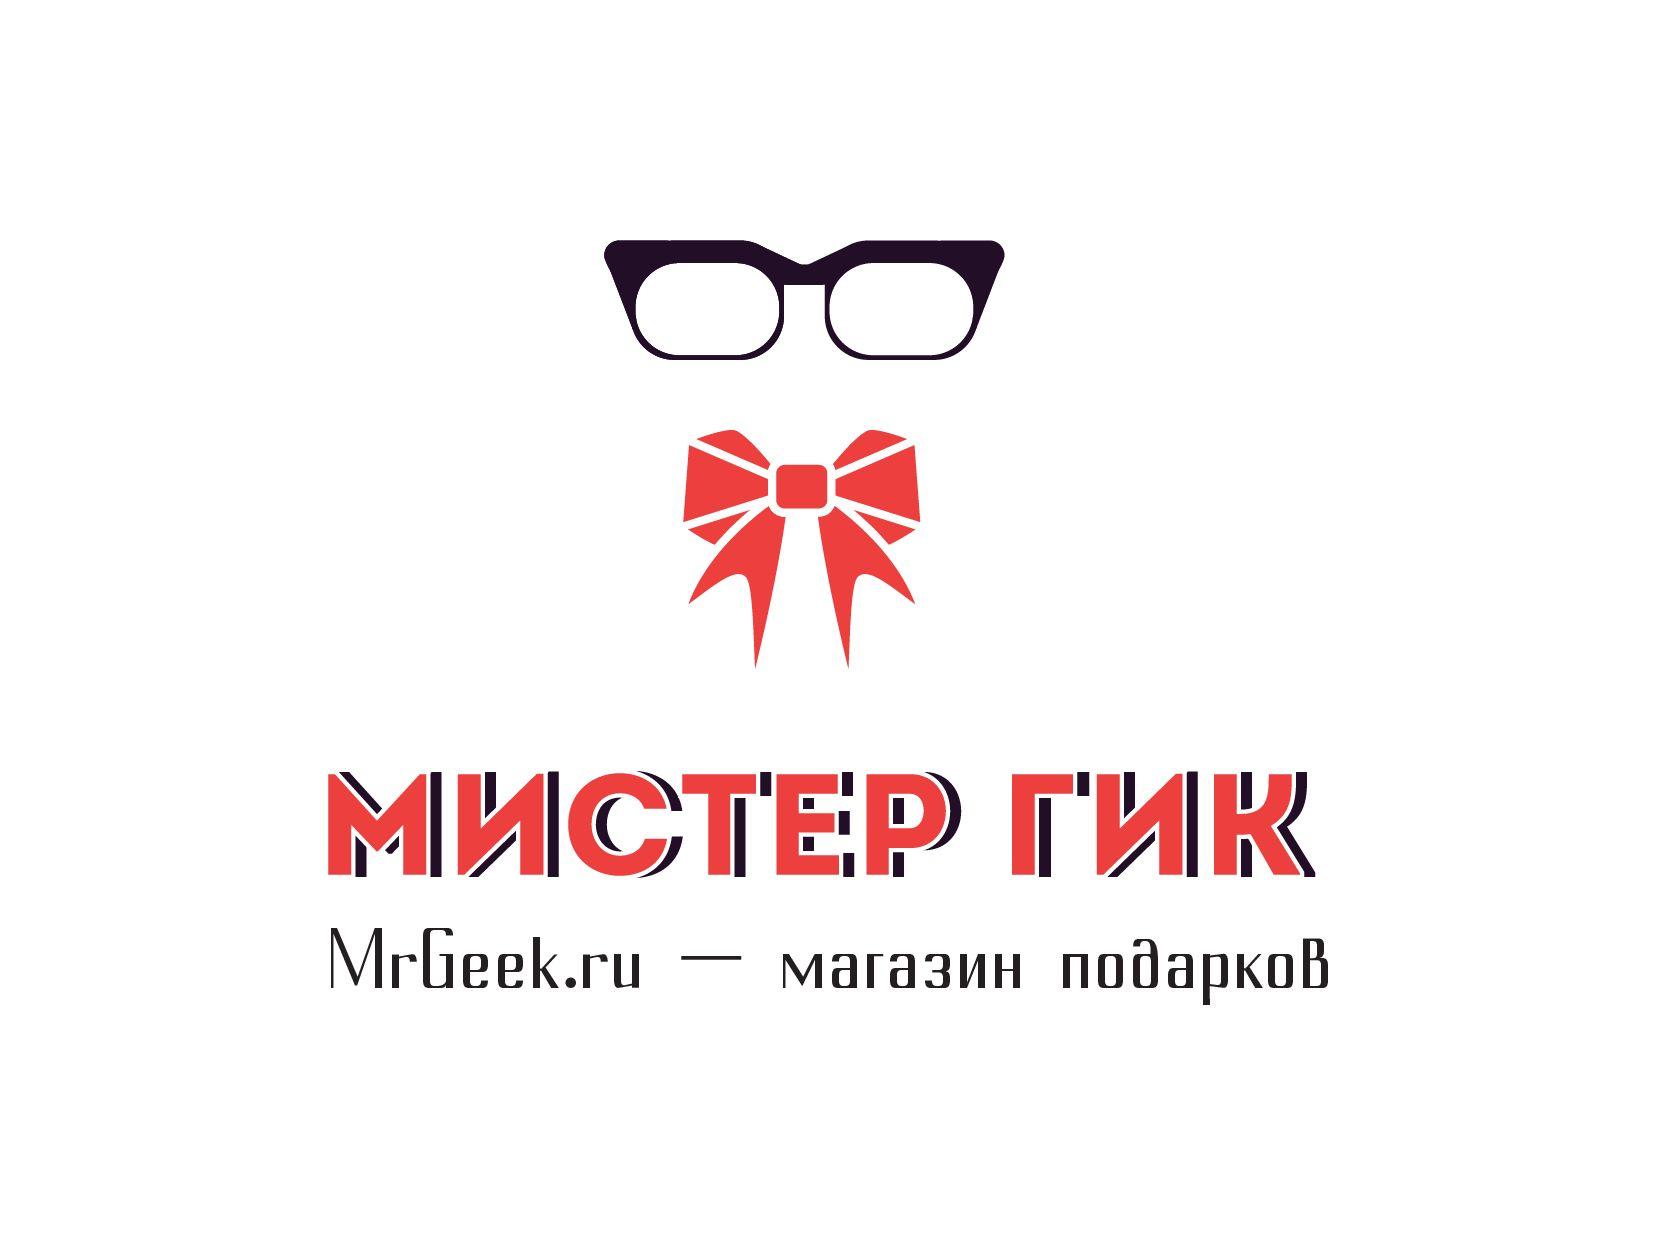 Логотип для магазина подарков - дизайнер mischa3